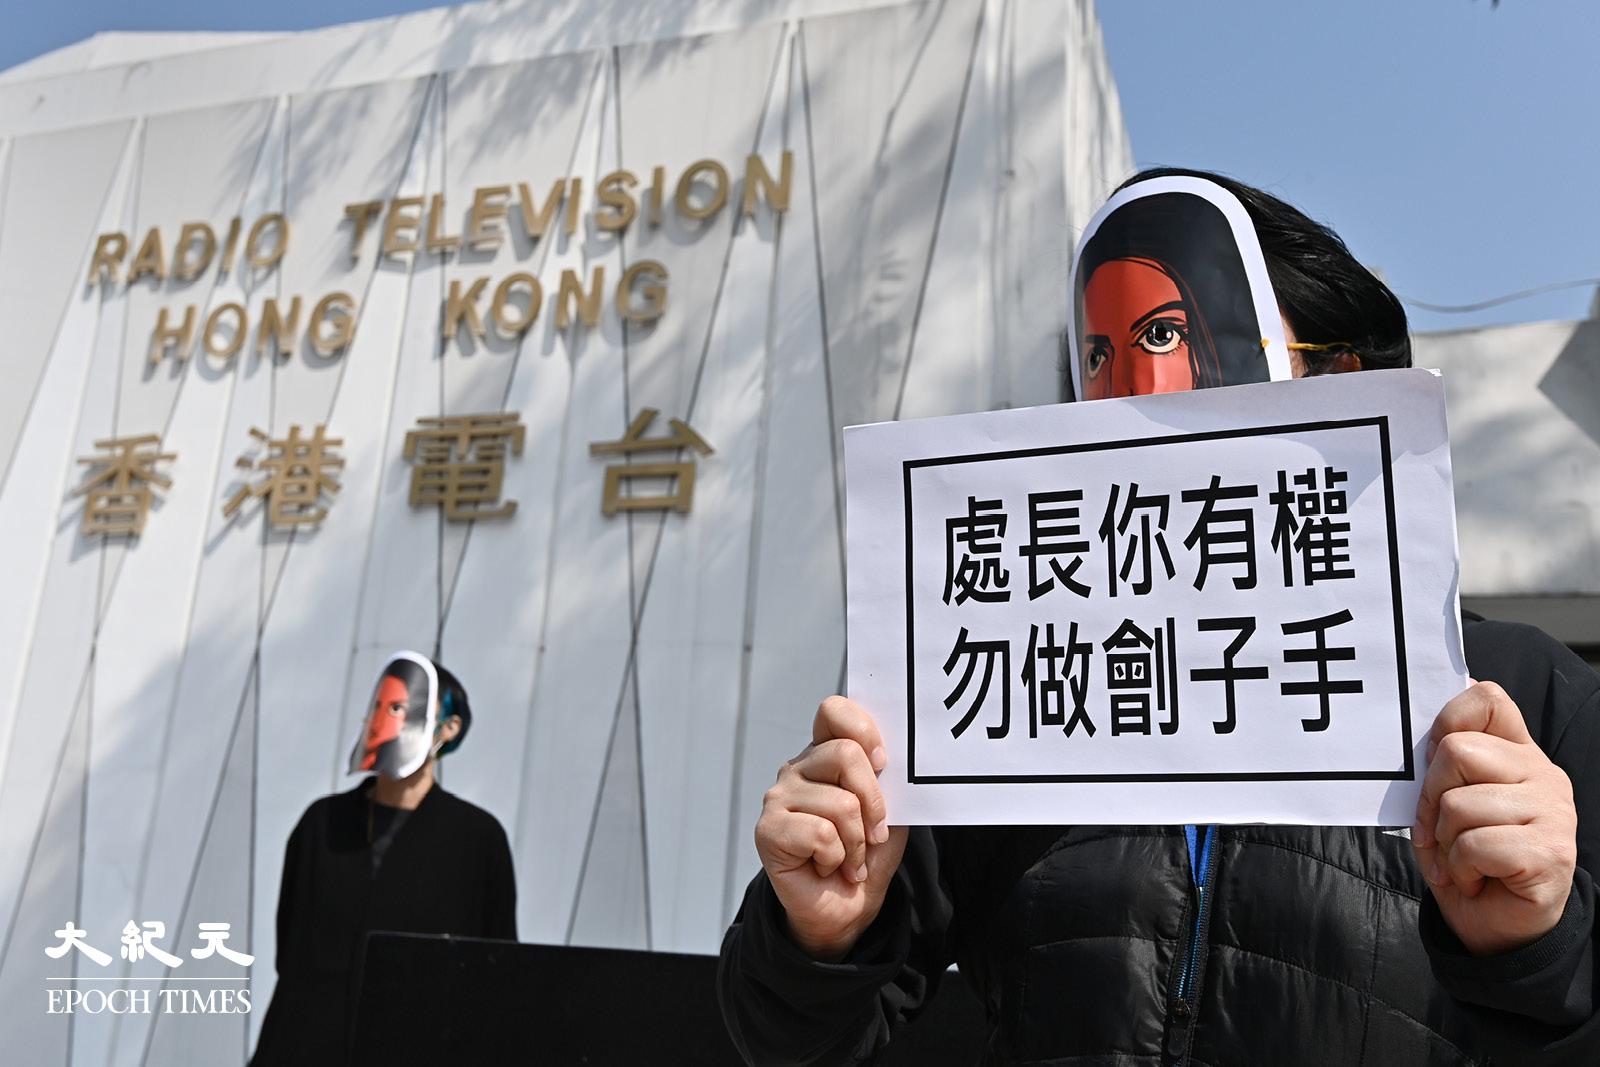 1月28日,香港電台員工戴上利君雅面具,手持標語聲援利君雅。(宋碧龍/大紀元)